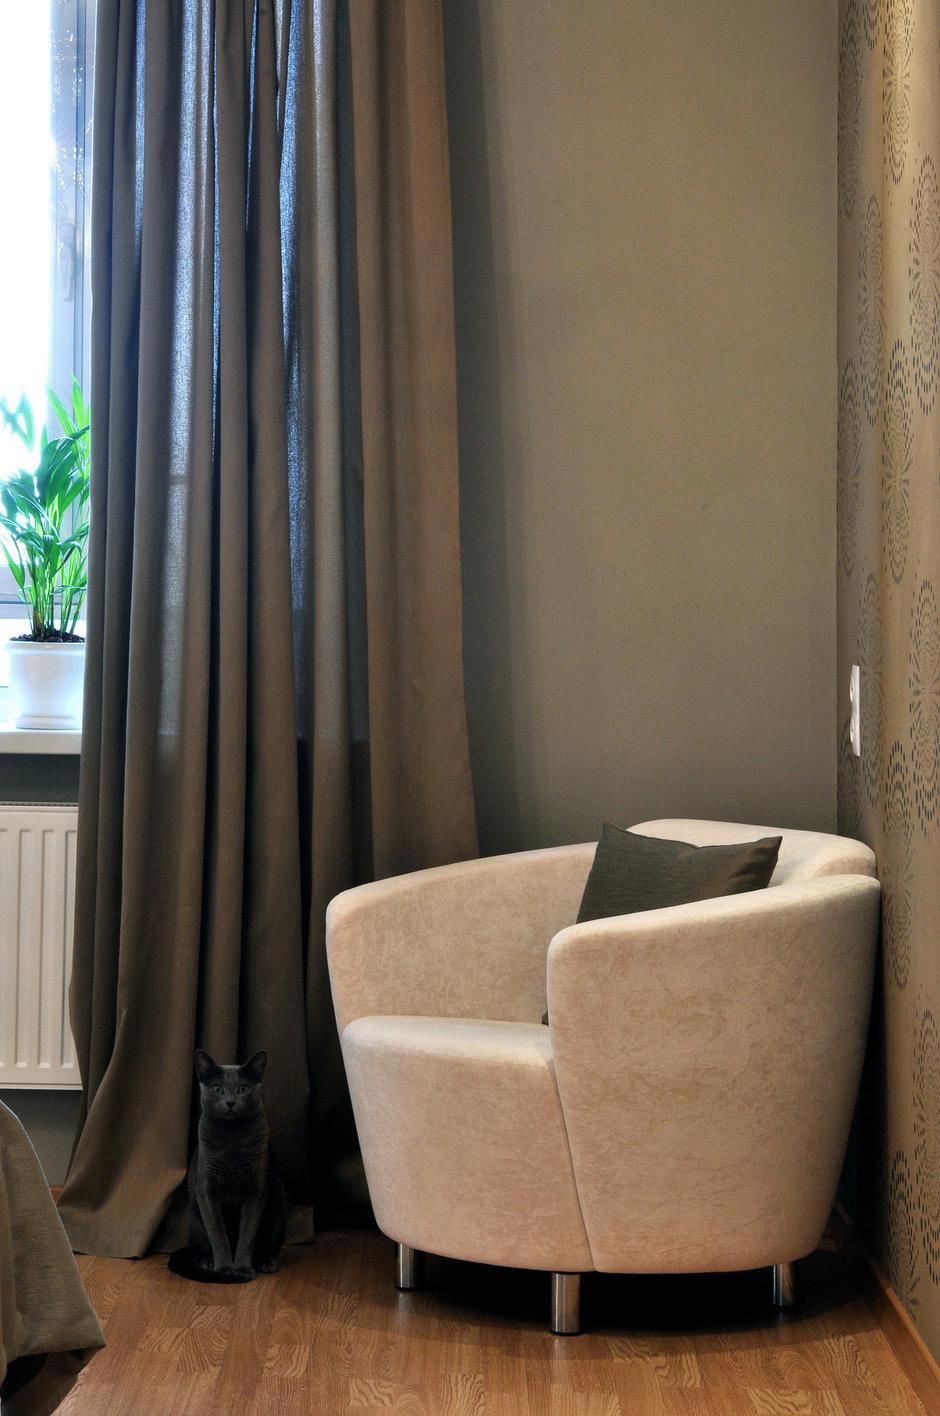 Фотография: Мебель и свет в стиле Современный, Малогабаритная квартира, Квартира, Цвет в интерьере, Дома и квартиры, Белый, Переделка – фото на InMyRoom.ru